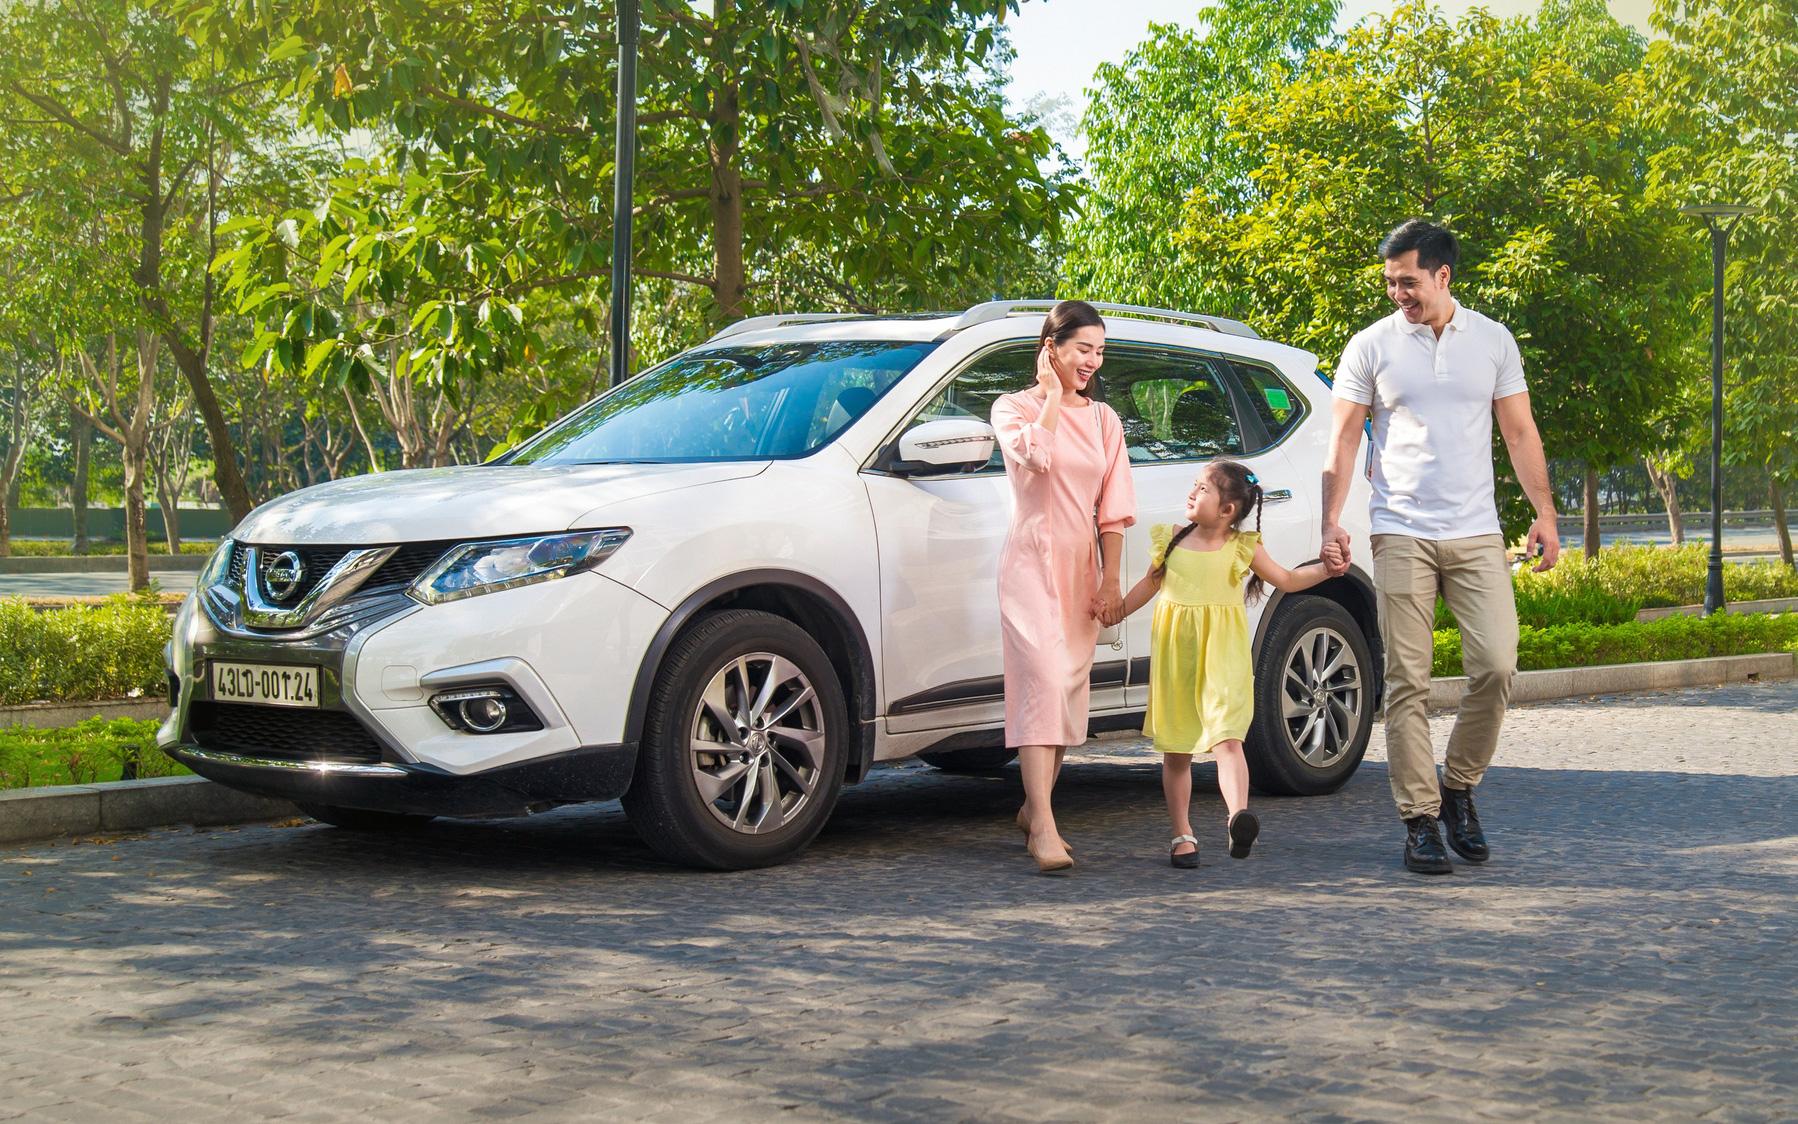 Khai xuân Canh Tý, mua xe Nissan được ưu đãi gì